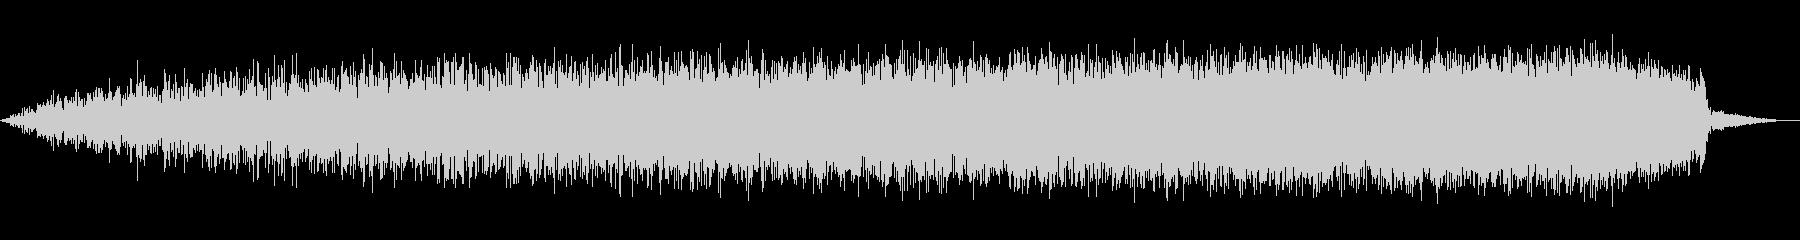 シューッという音EC07_78_2 2の未再生の波形